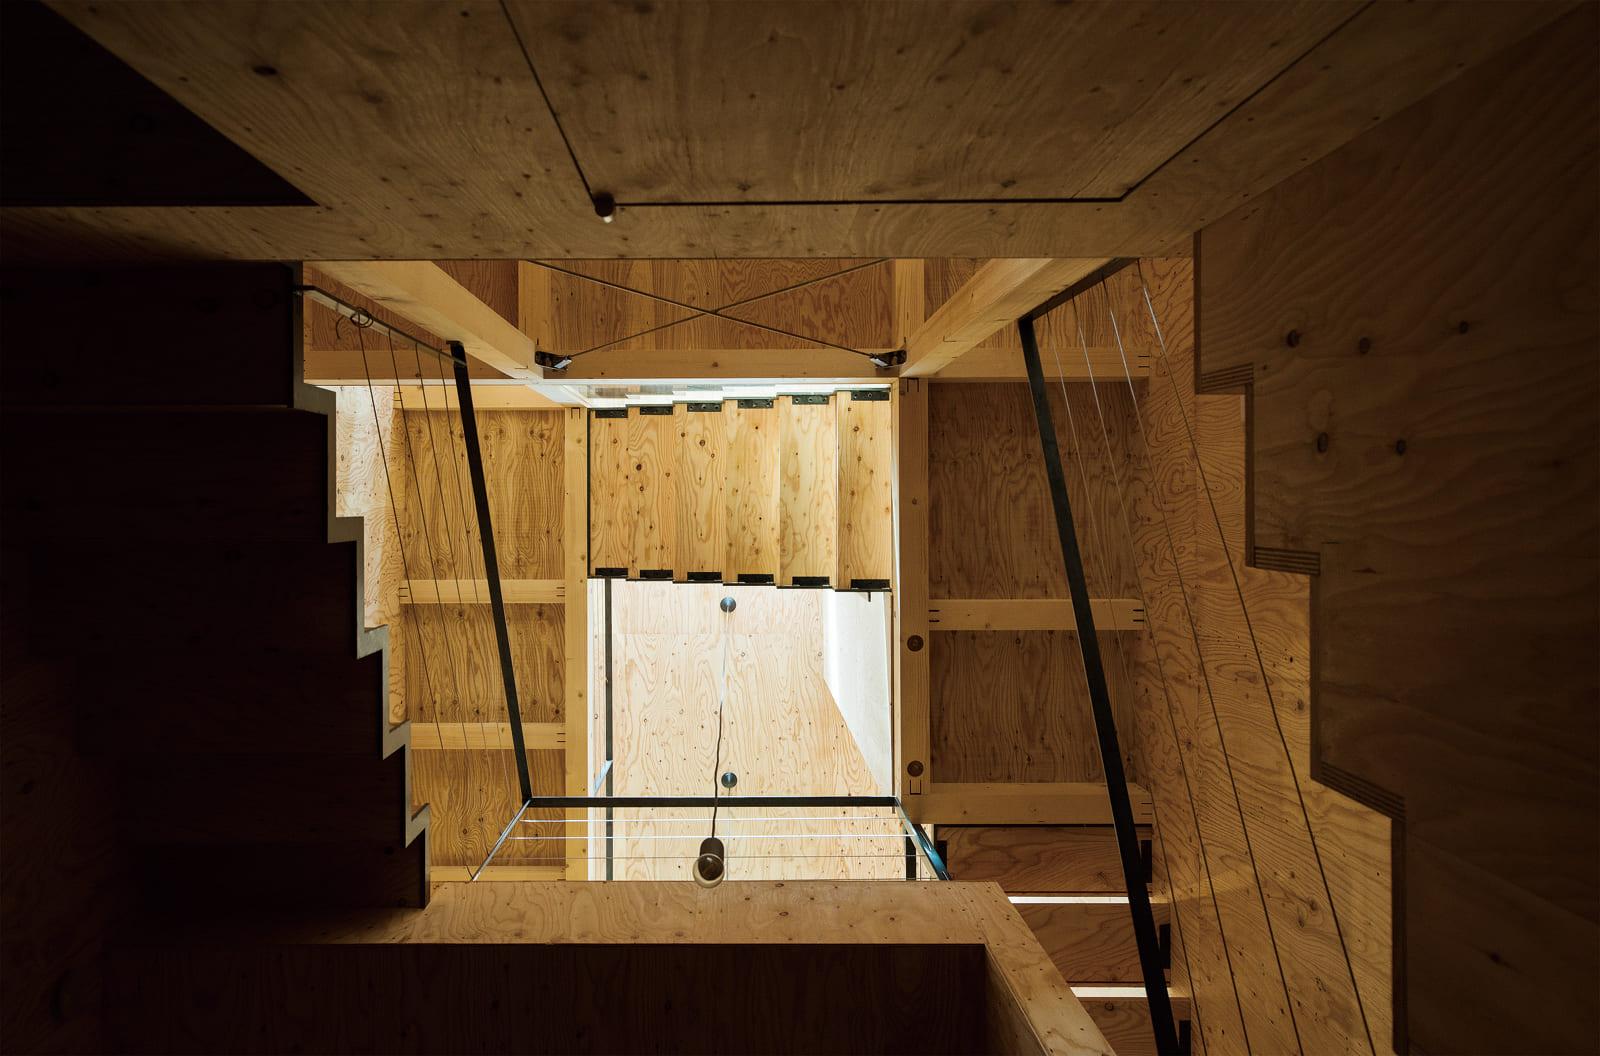 1階ホールからの見上げ。スキップフロア形式の構造がよく伝わる。吹き抜け越しの各階からの光が柔らかく届く